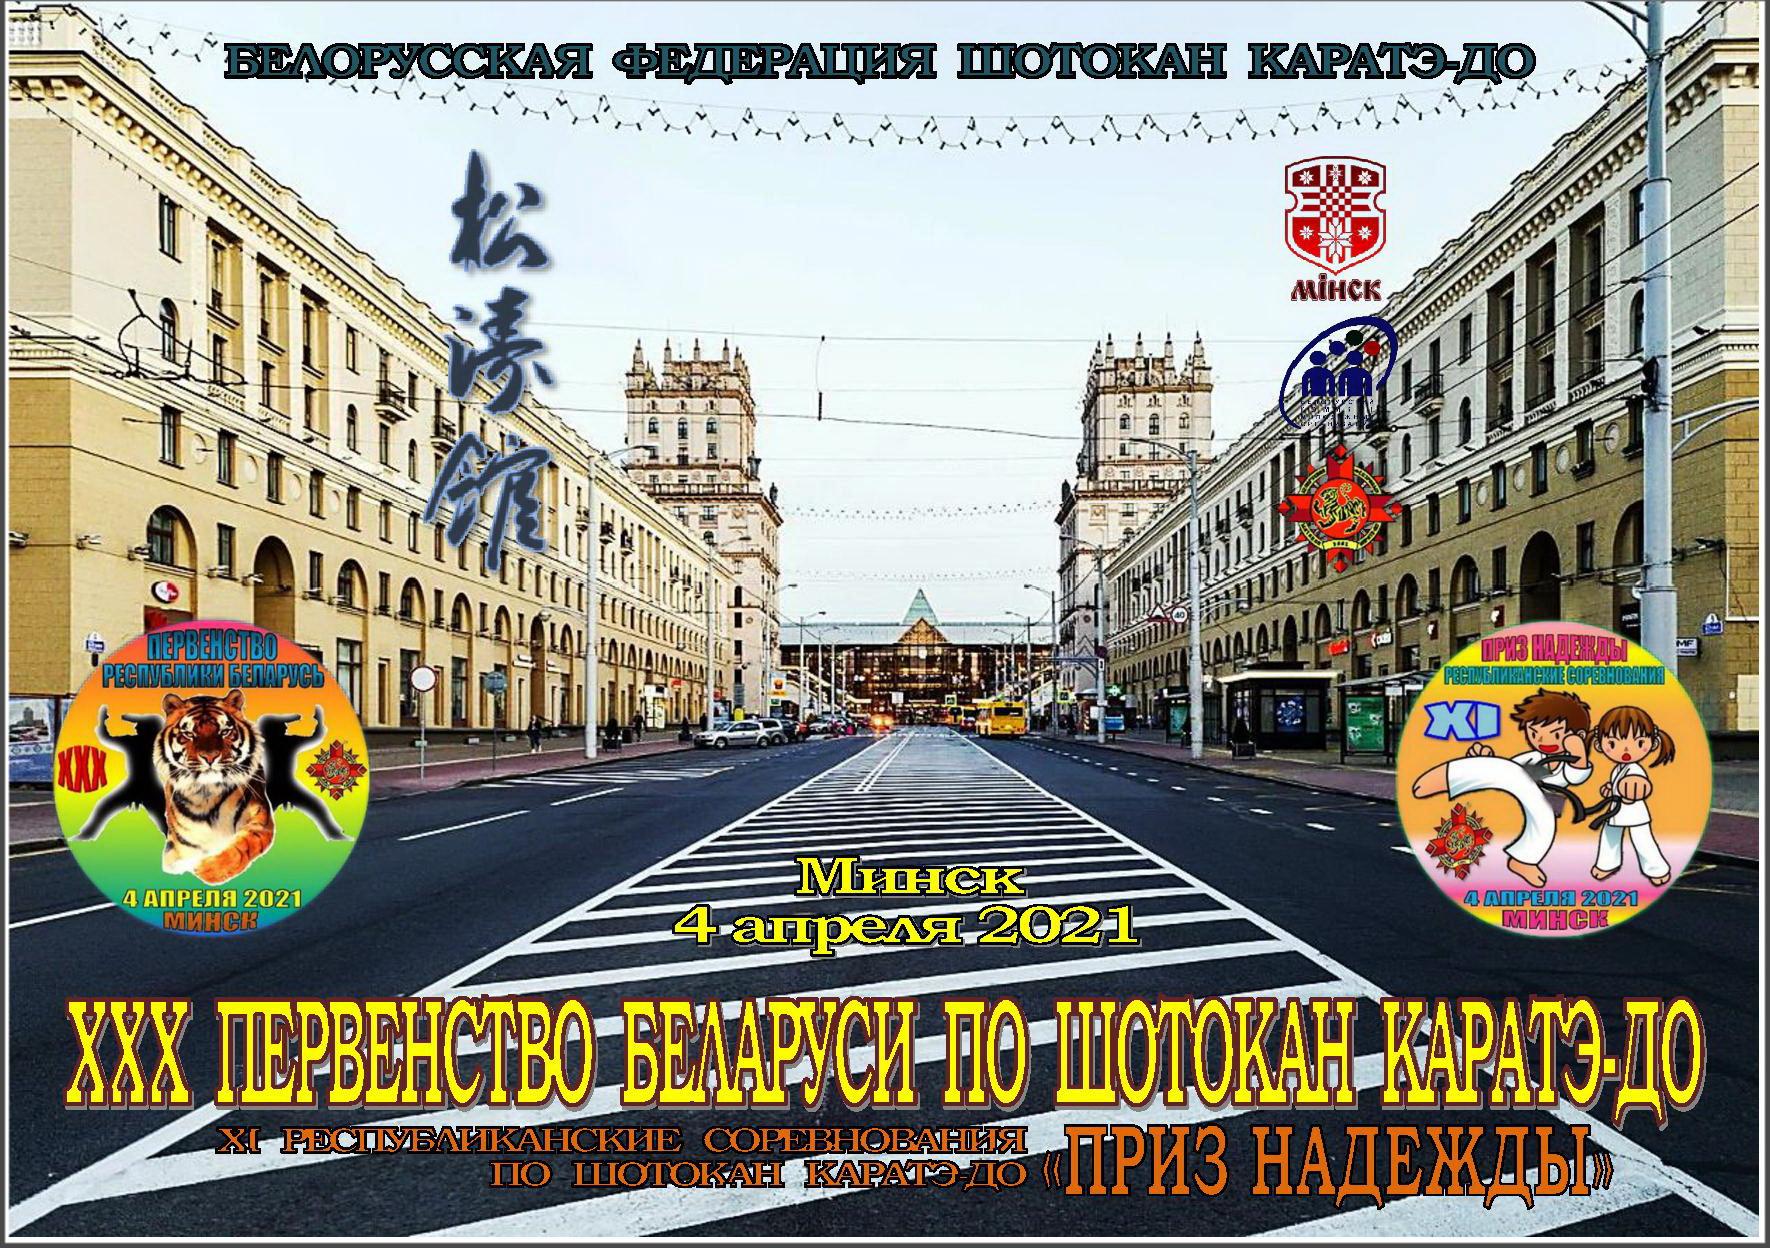 4 апреля 2021 года, Минск, Первенство Беларуси/Приз Надежды-2021